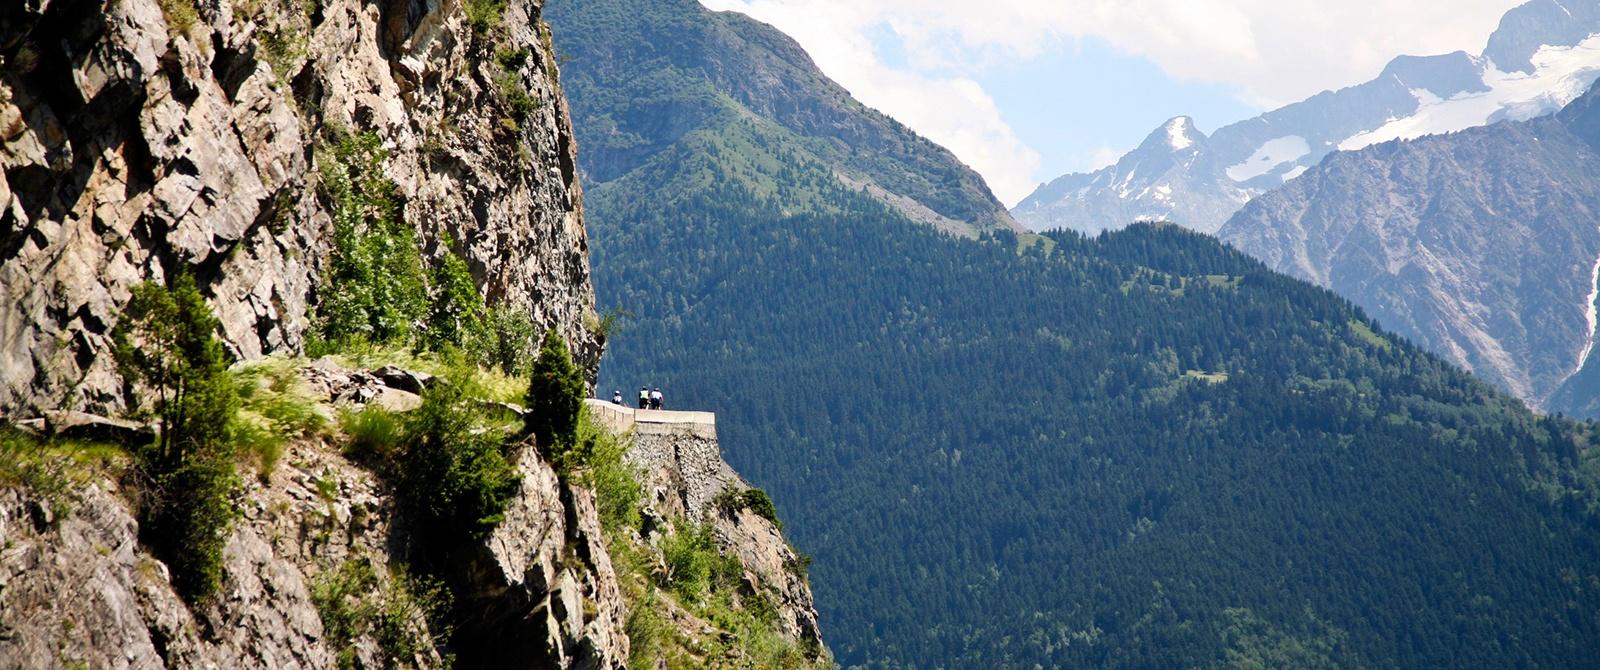 classic-climbs-tour-01-1600x670